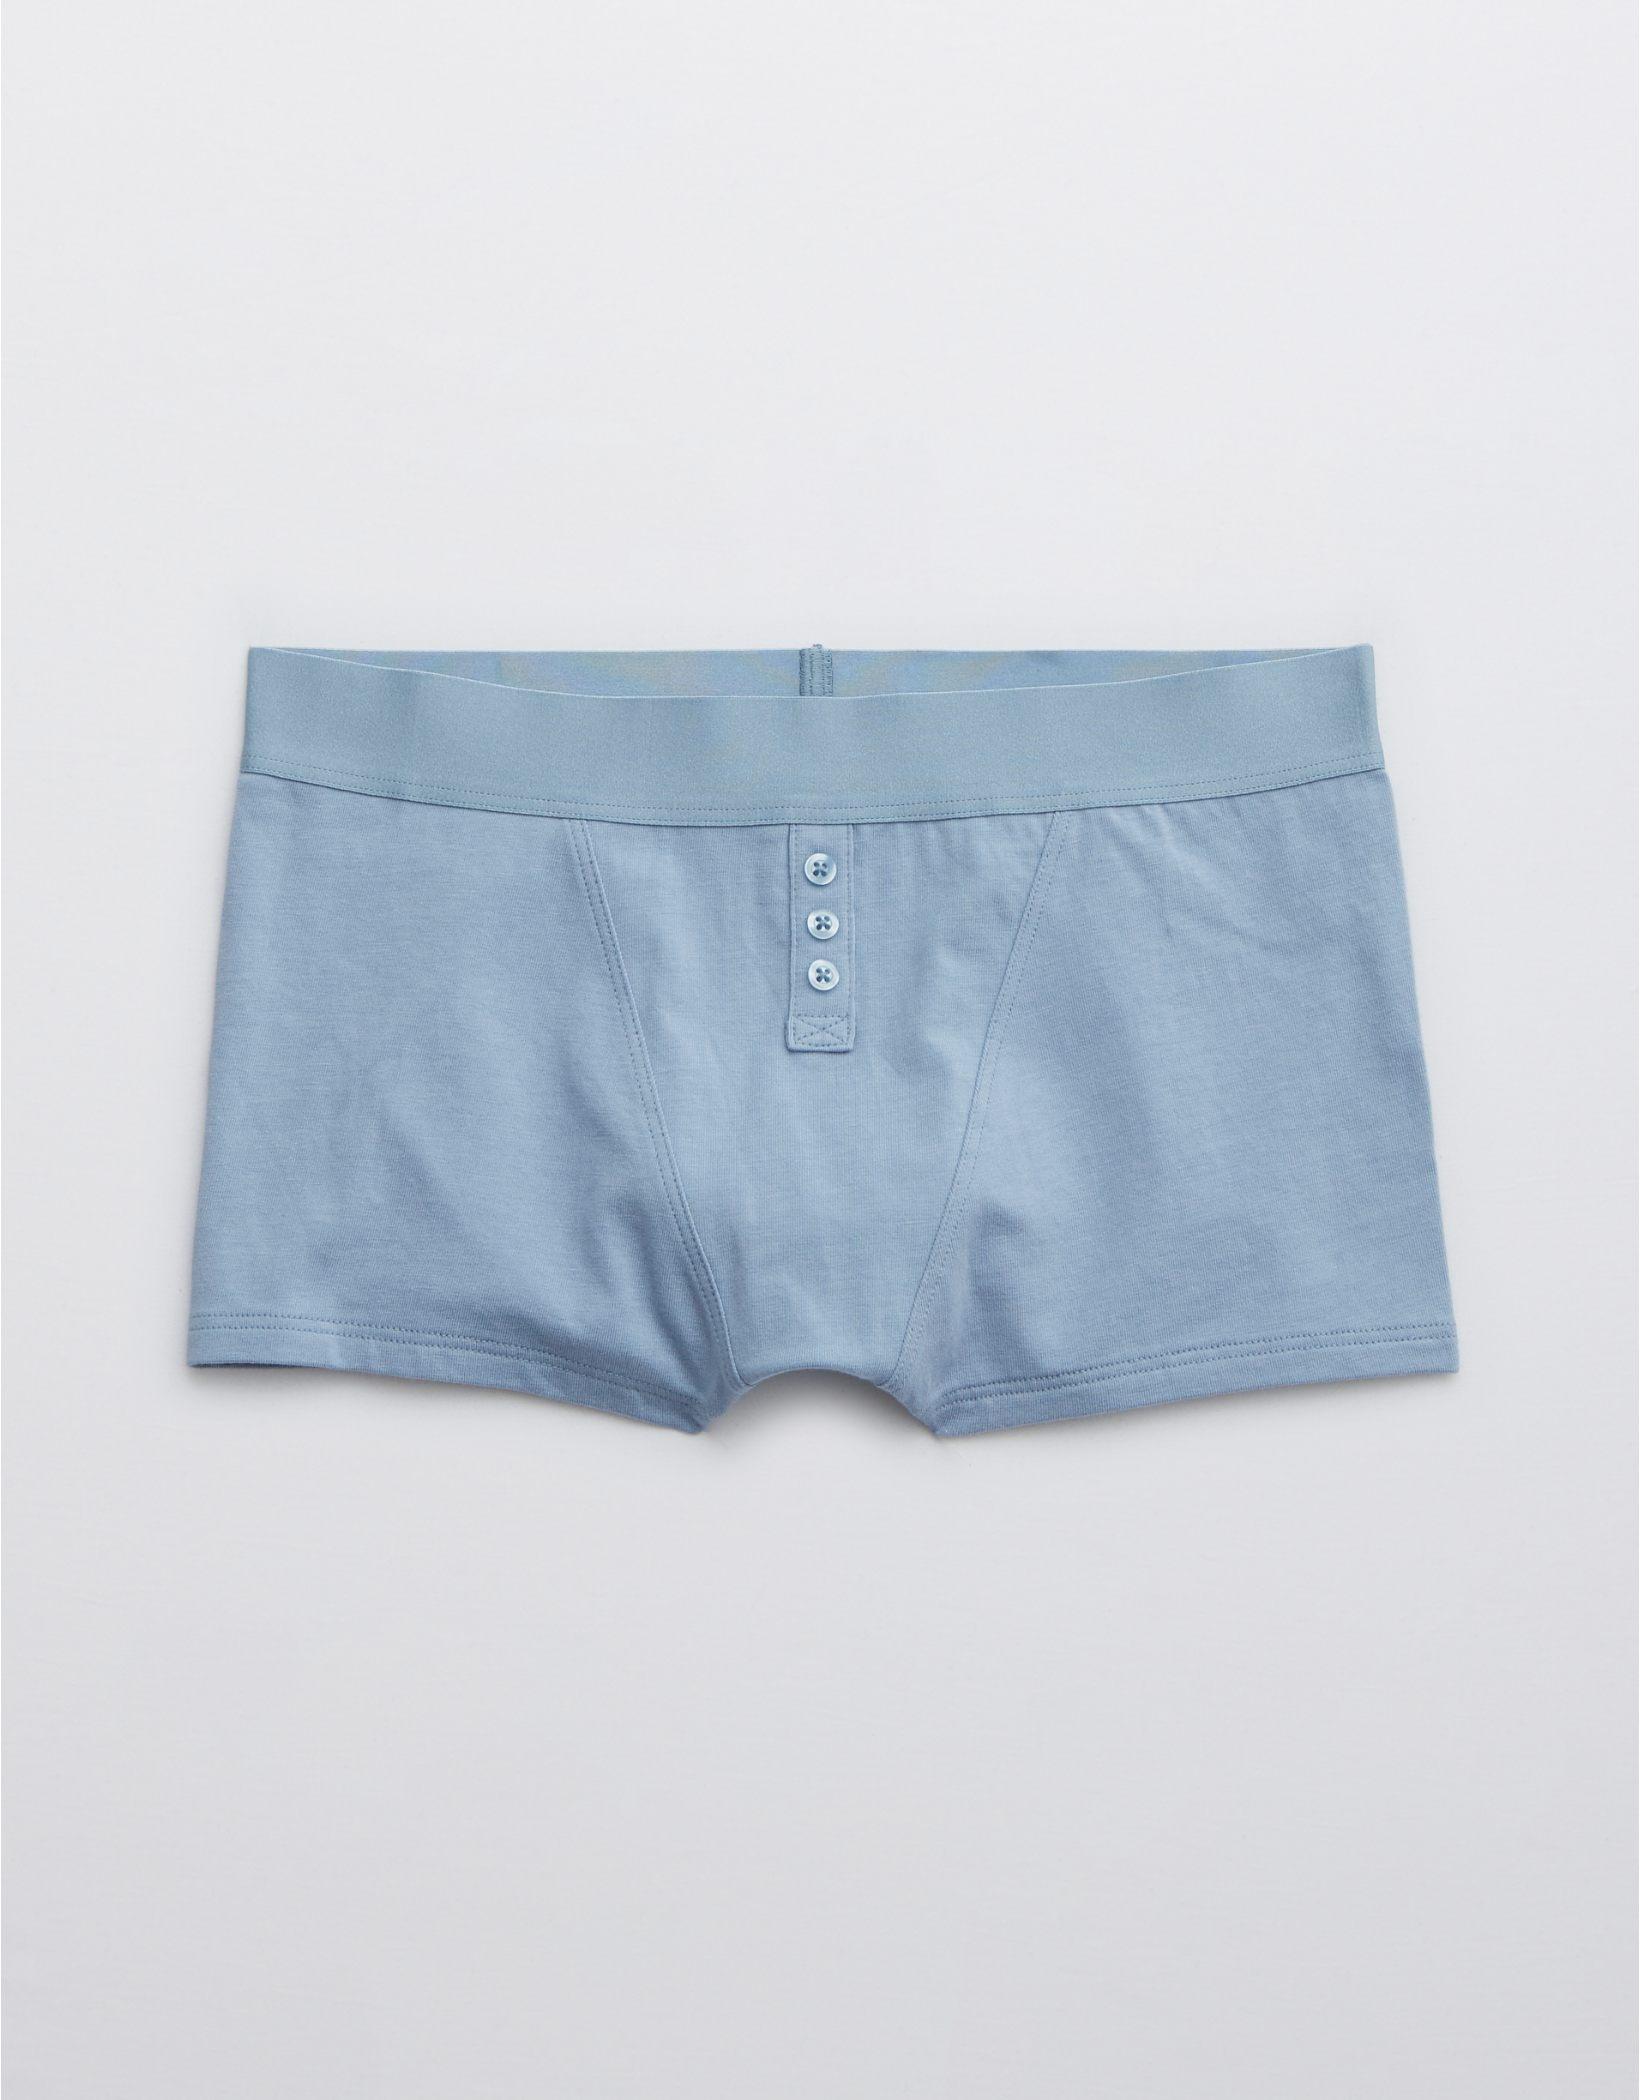 Aerie Cotton Sleep Cheeky Boyshort Underwear